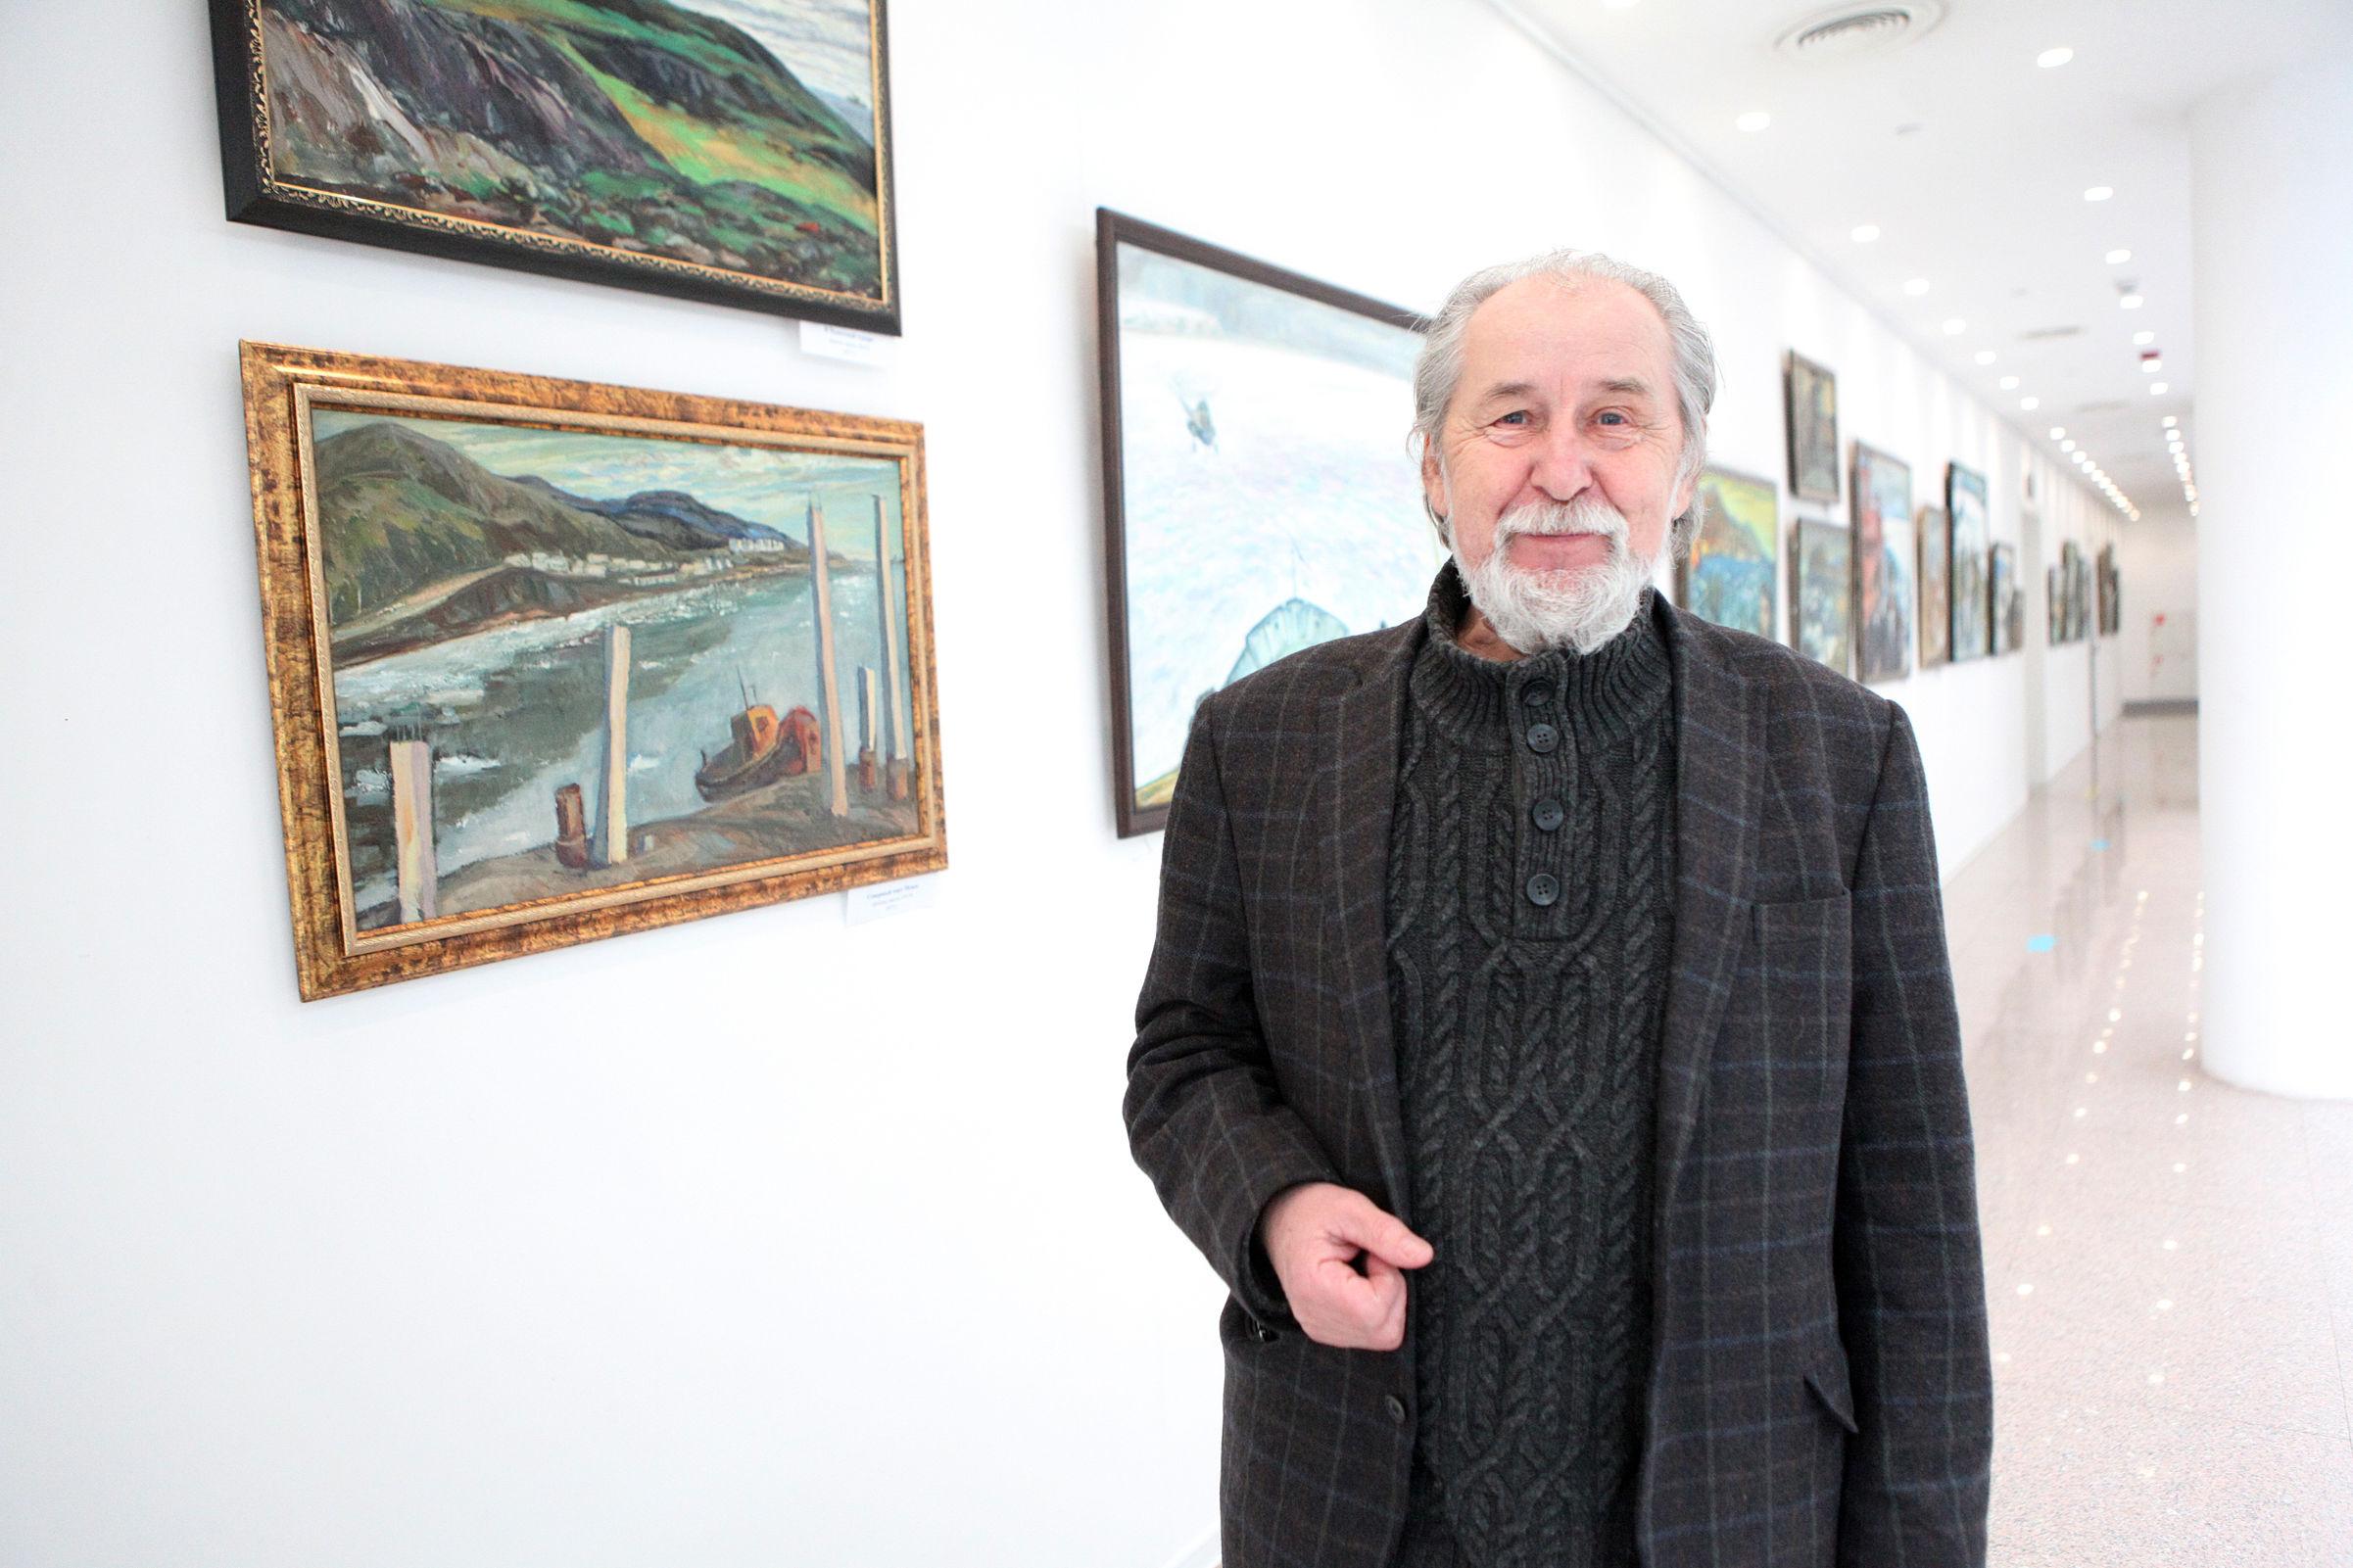 Курилы и Арктика Вячеслава Зарослова: в Ярославле открылась удивительная выставка картин